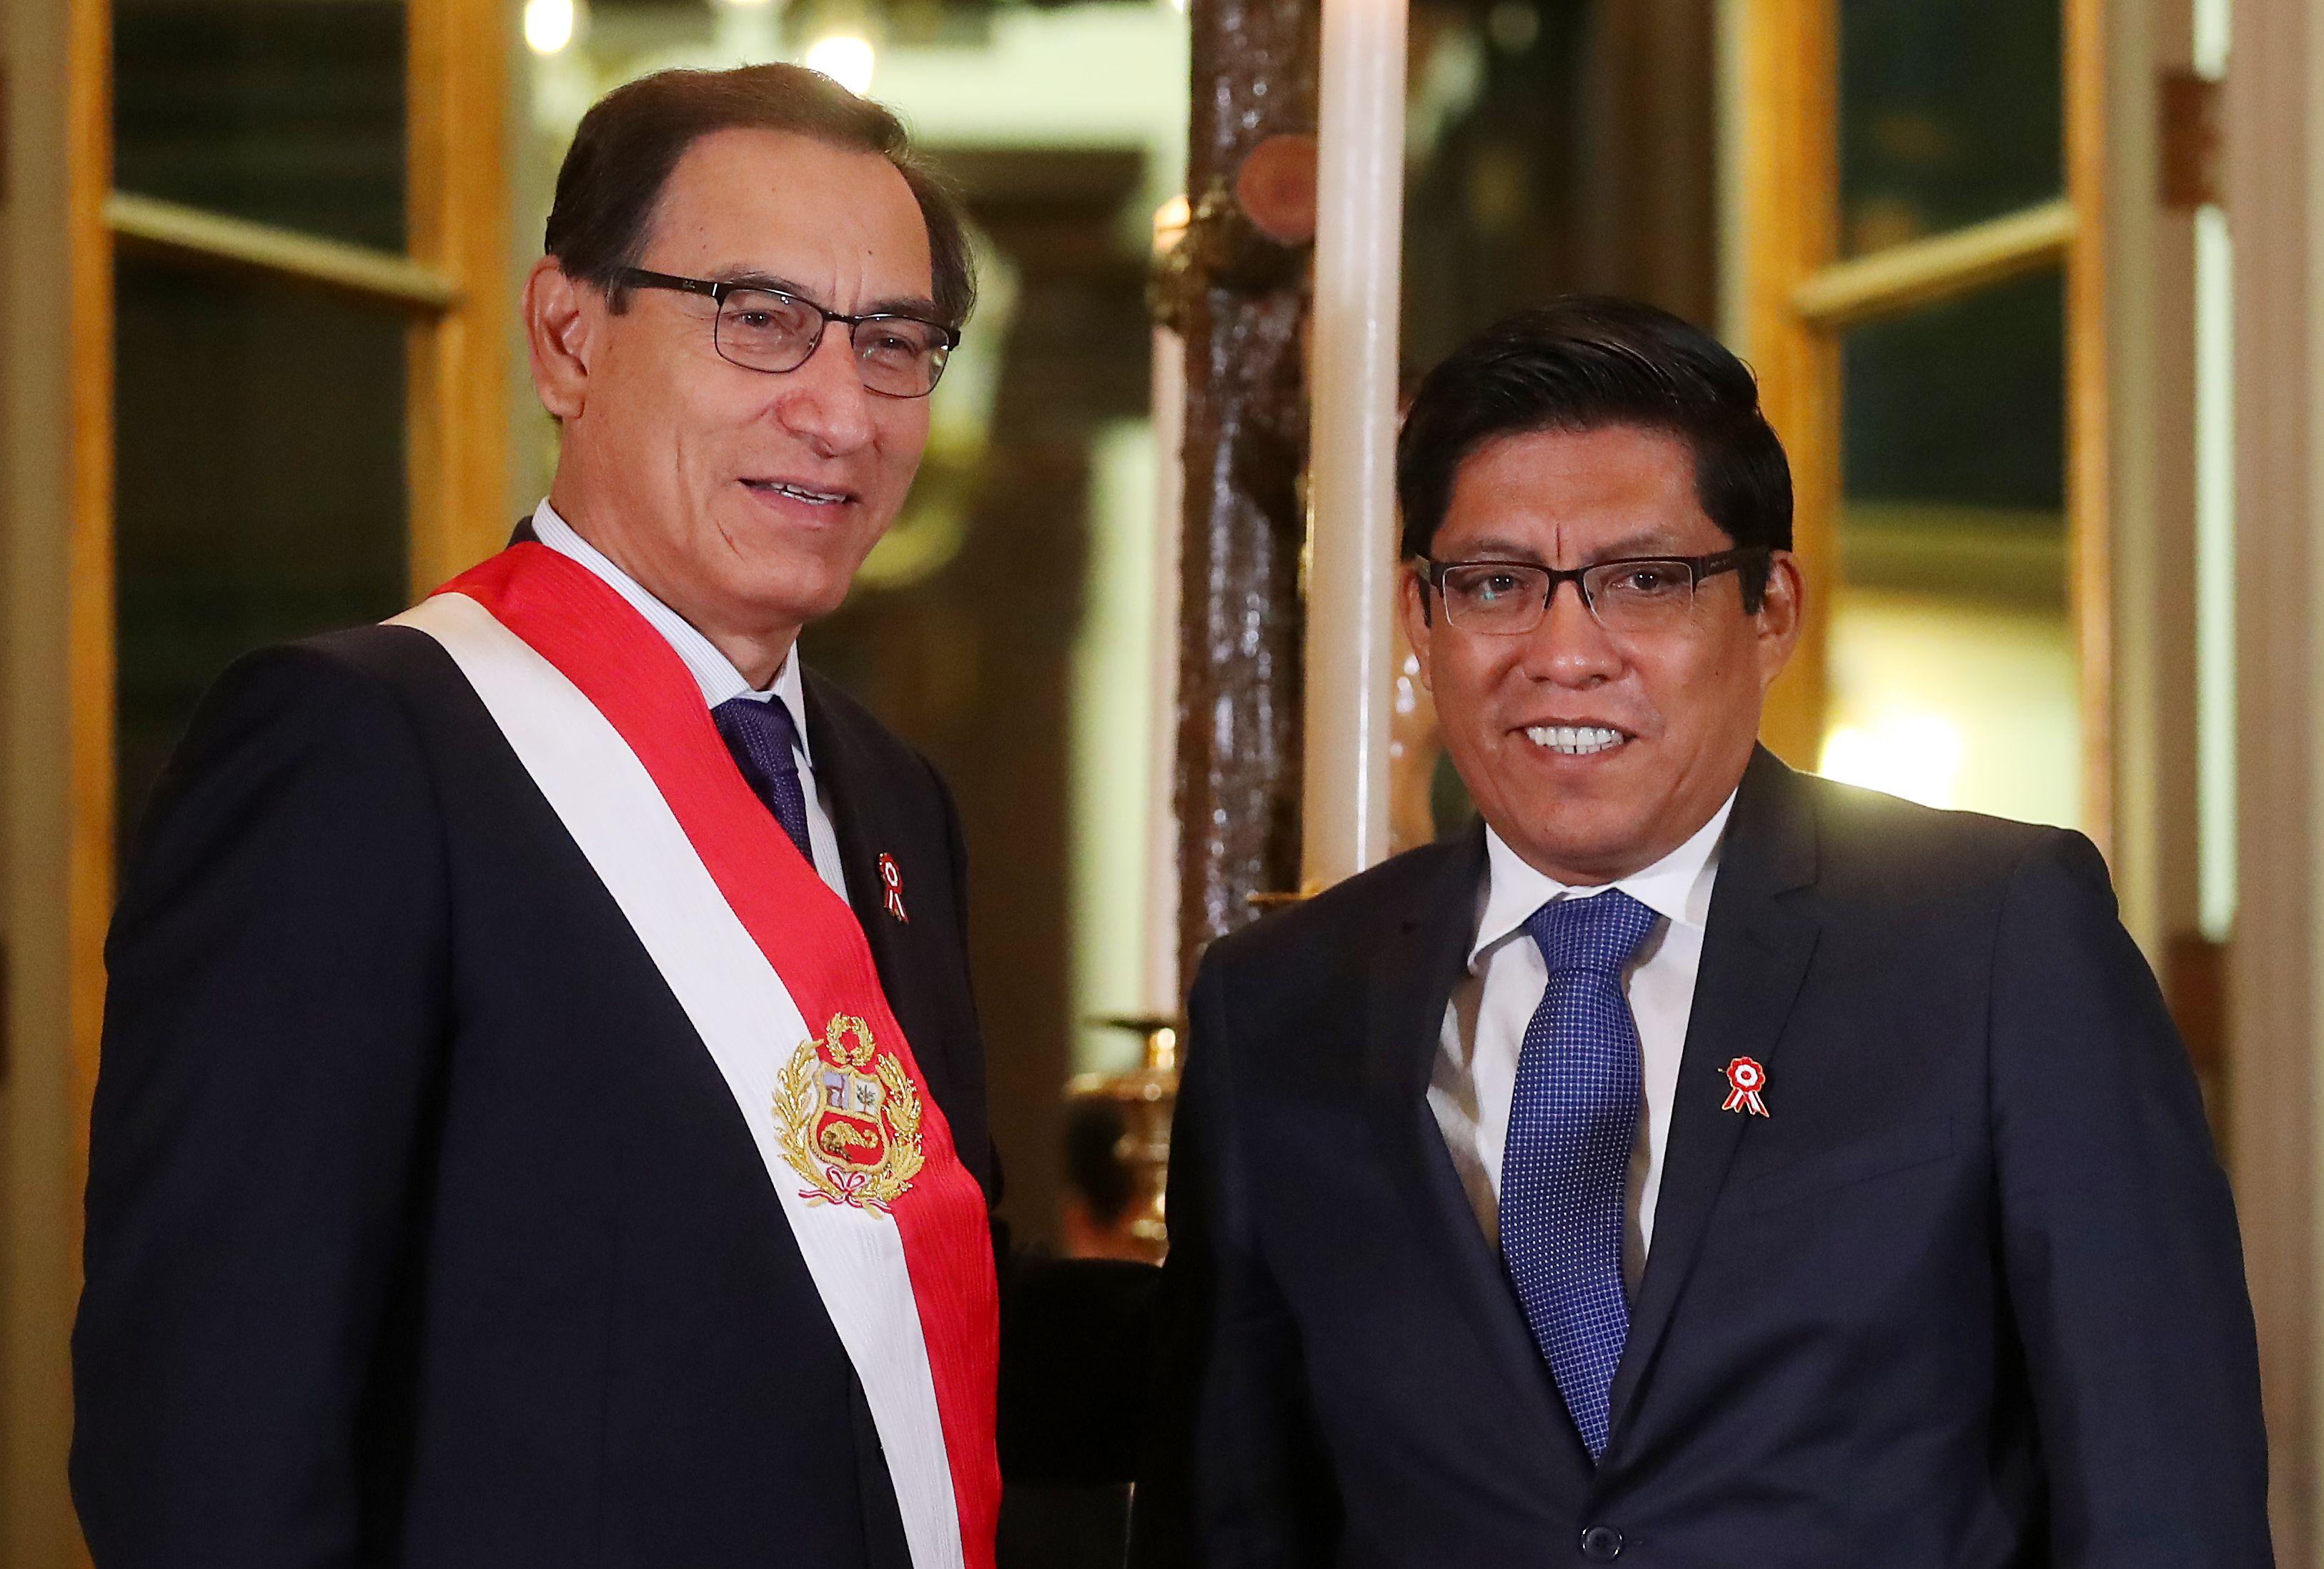 وزير العدل الجديد فيسينتي زايبلوس  والرئيس في بيرو